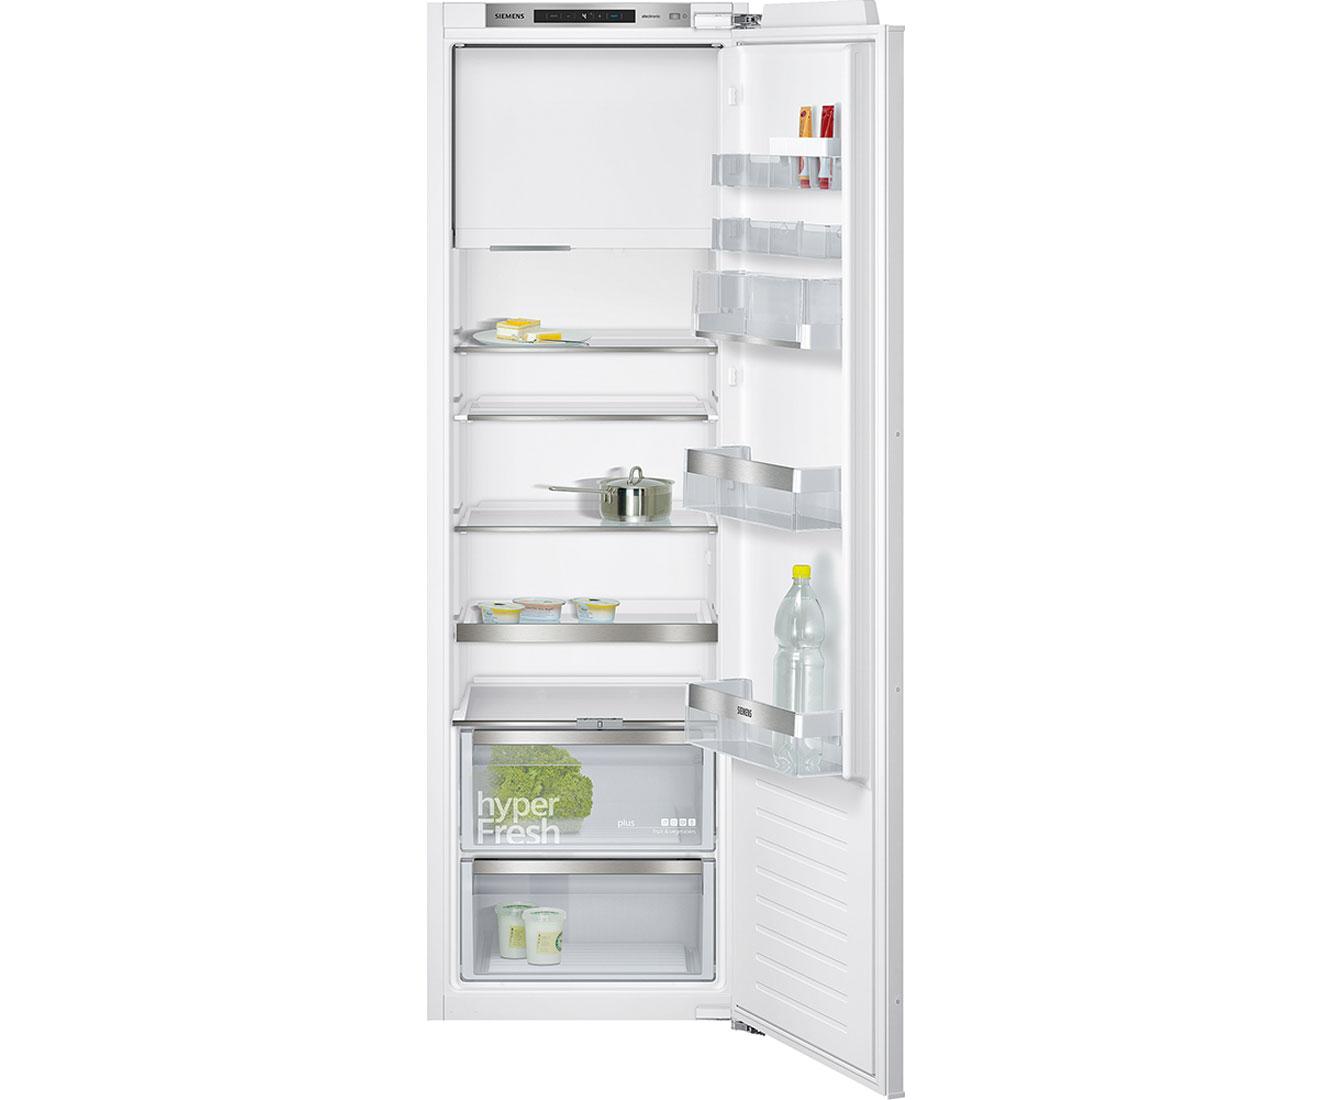 ... Siemens KI82LAD30 Einbau Kühlschrank Mit Gefrierfach   178er Nische,  Festtür Technik, A++ ...